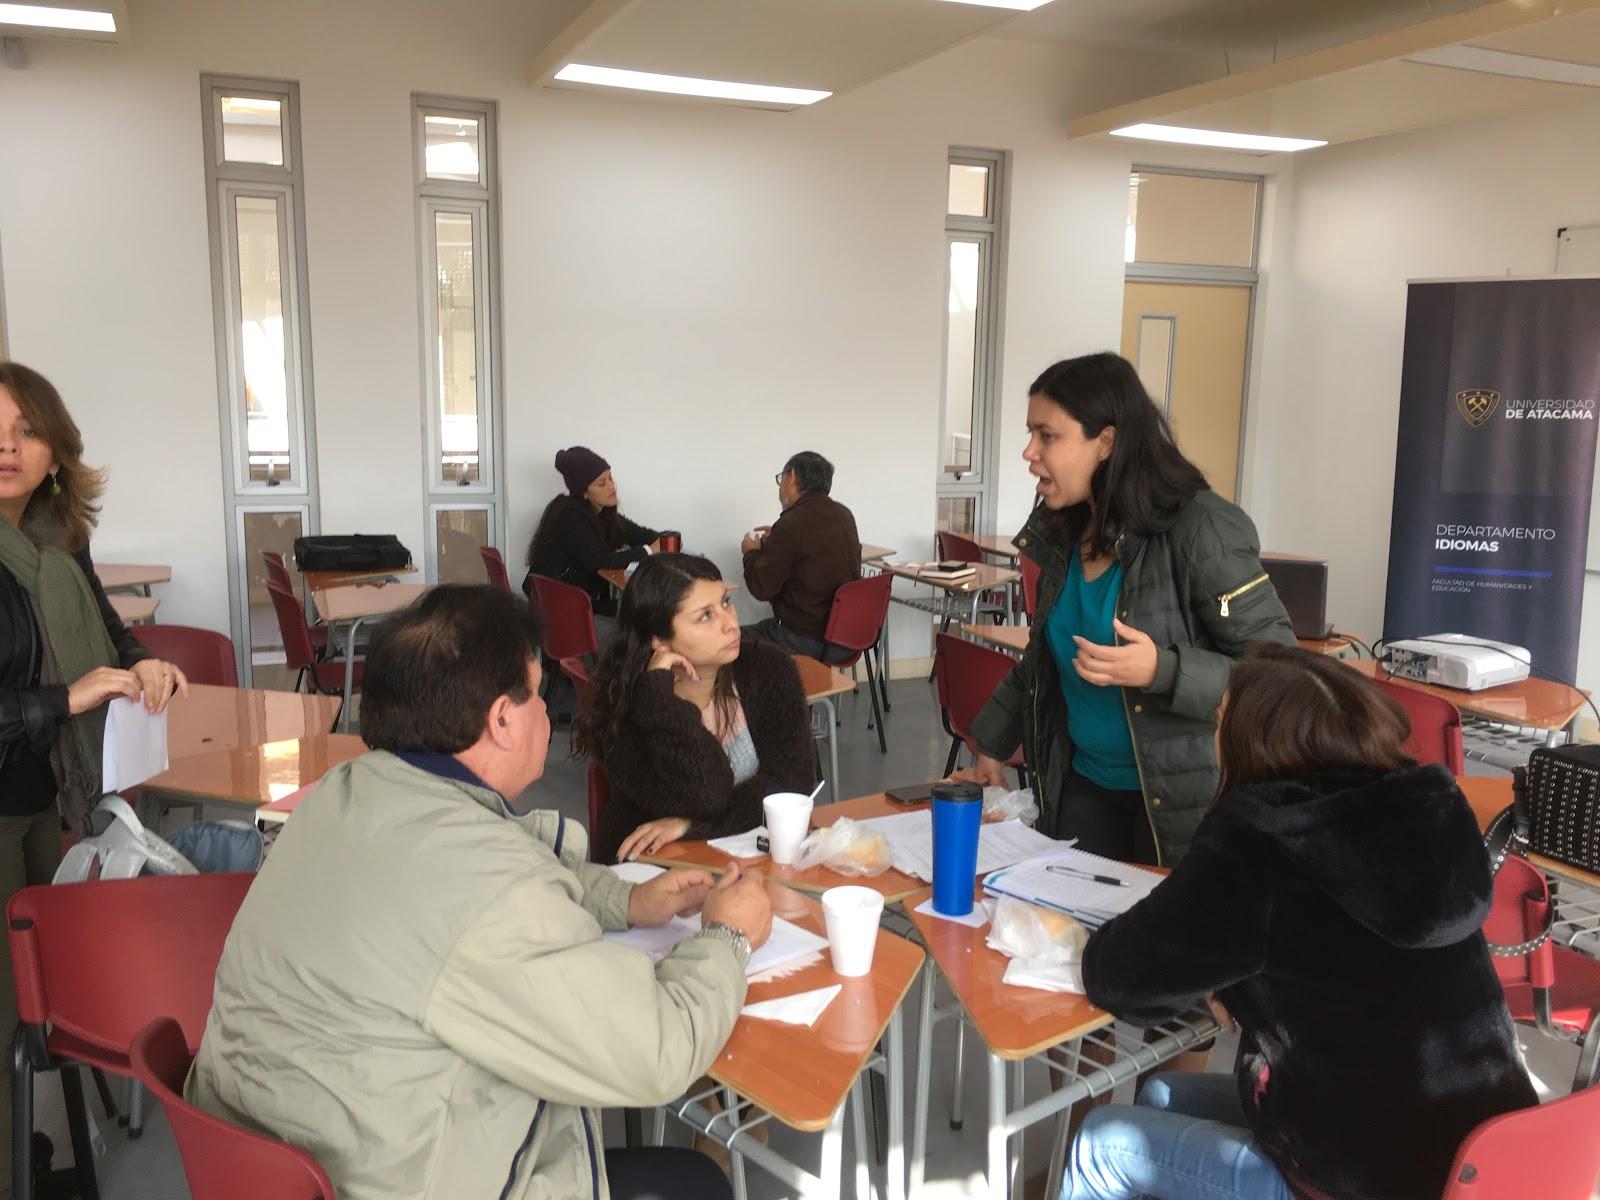 CONVERSATORIO/TALLER DE INVESTIGACIÓN CIENTÍFICA DEL DEPARTAMENTO DE IDIOMAS